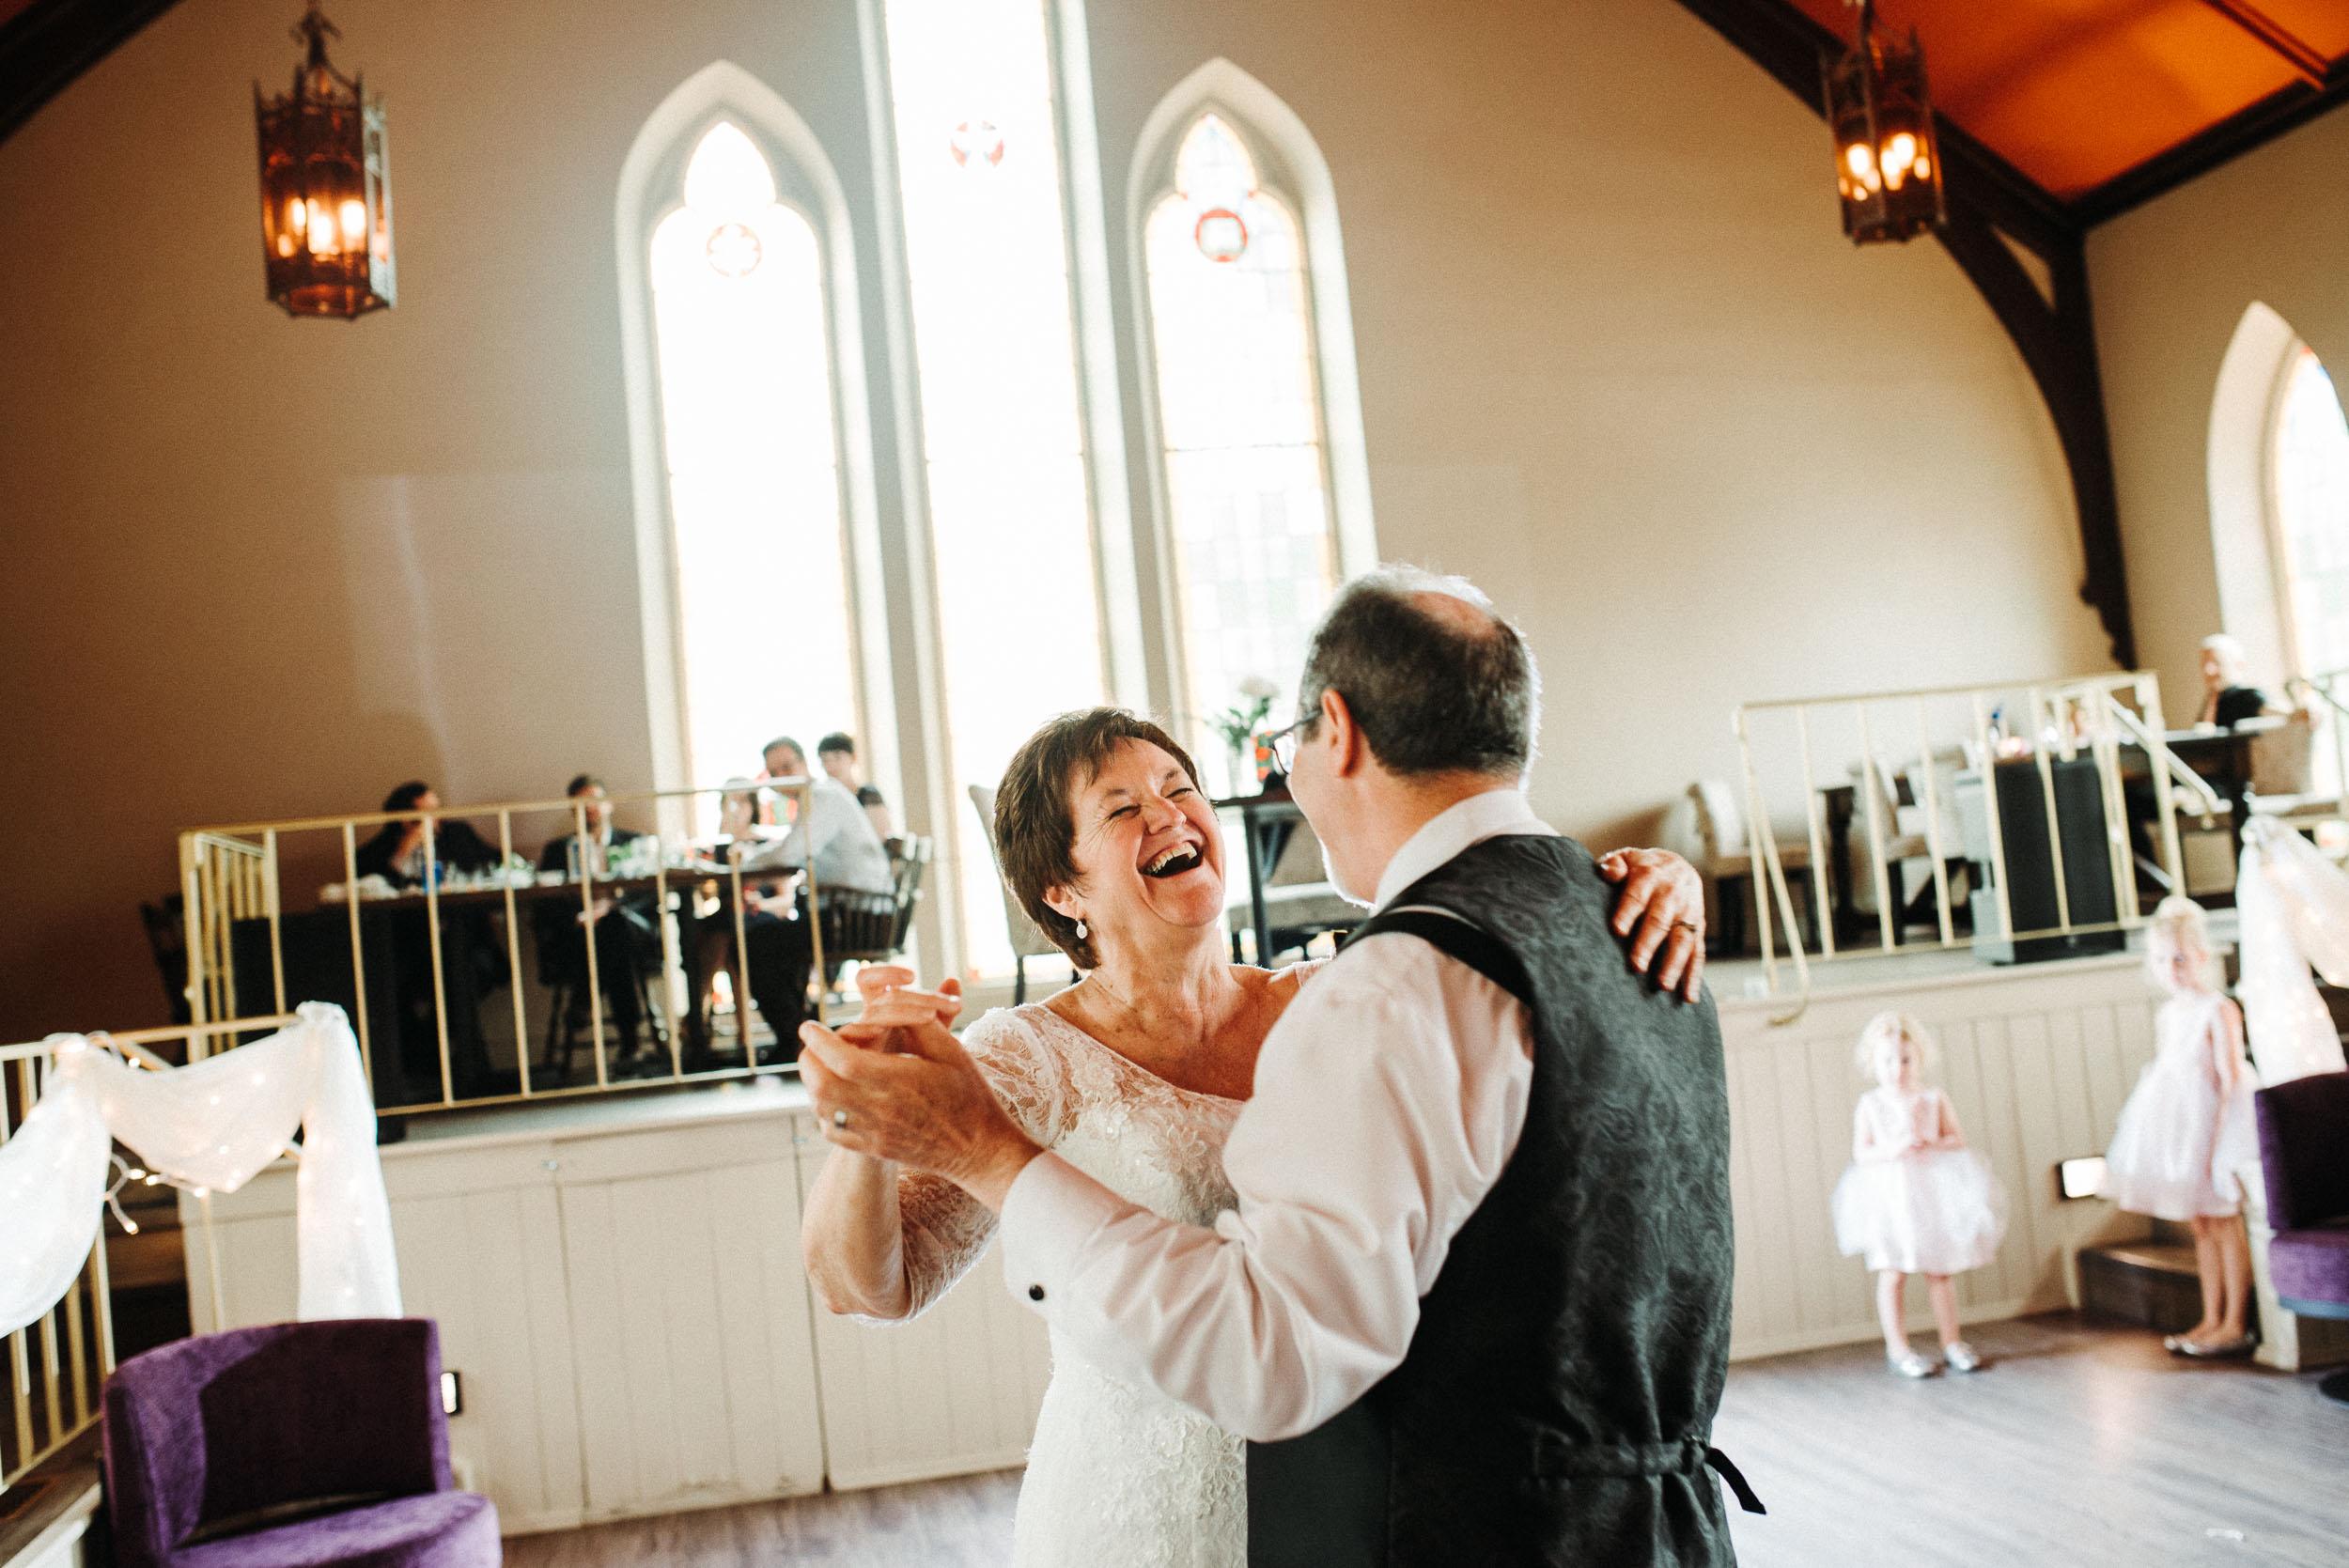 wedding-photography-stratford-davidiam-058.jpg